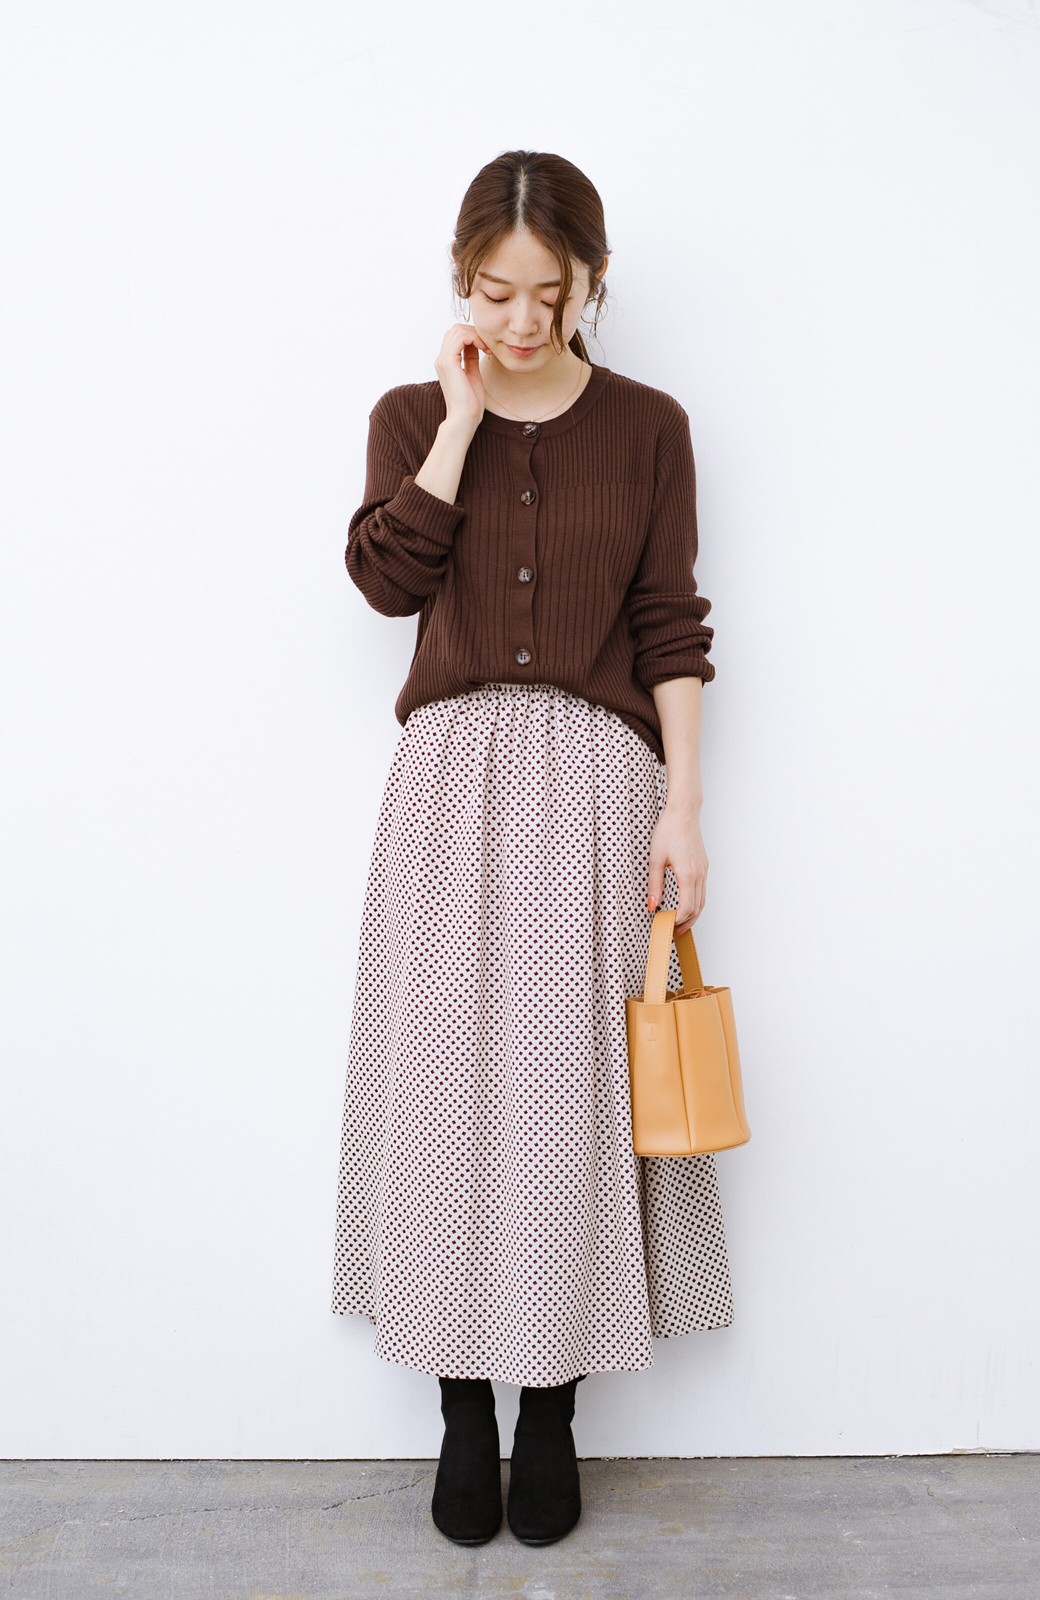 haco! デニムにもスカートにも似合う!すぽっと履けてスタイルアップが叶う女っぽフェイクスエードブーツ <ブラック>の商品写真15